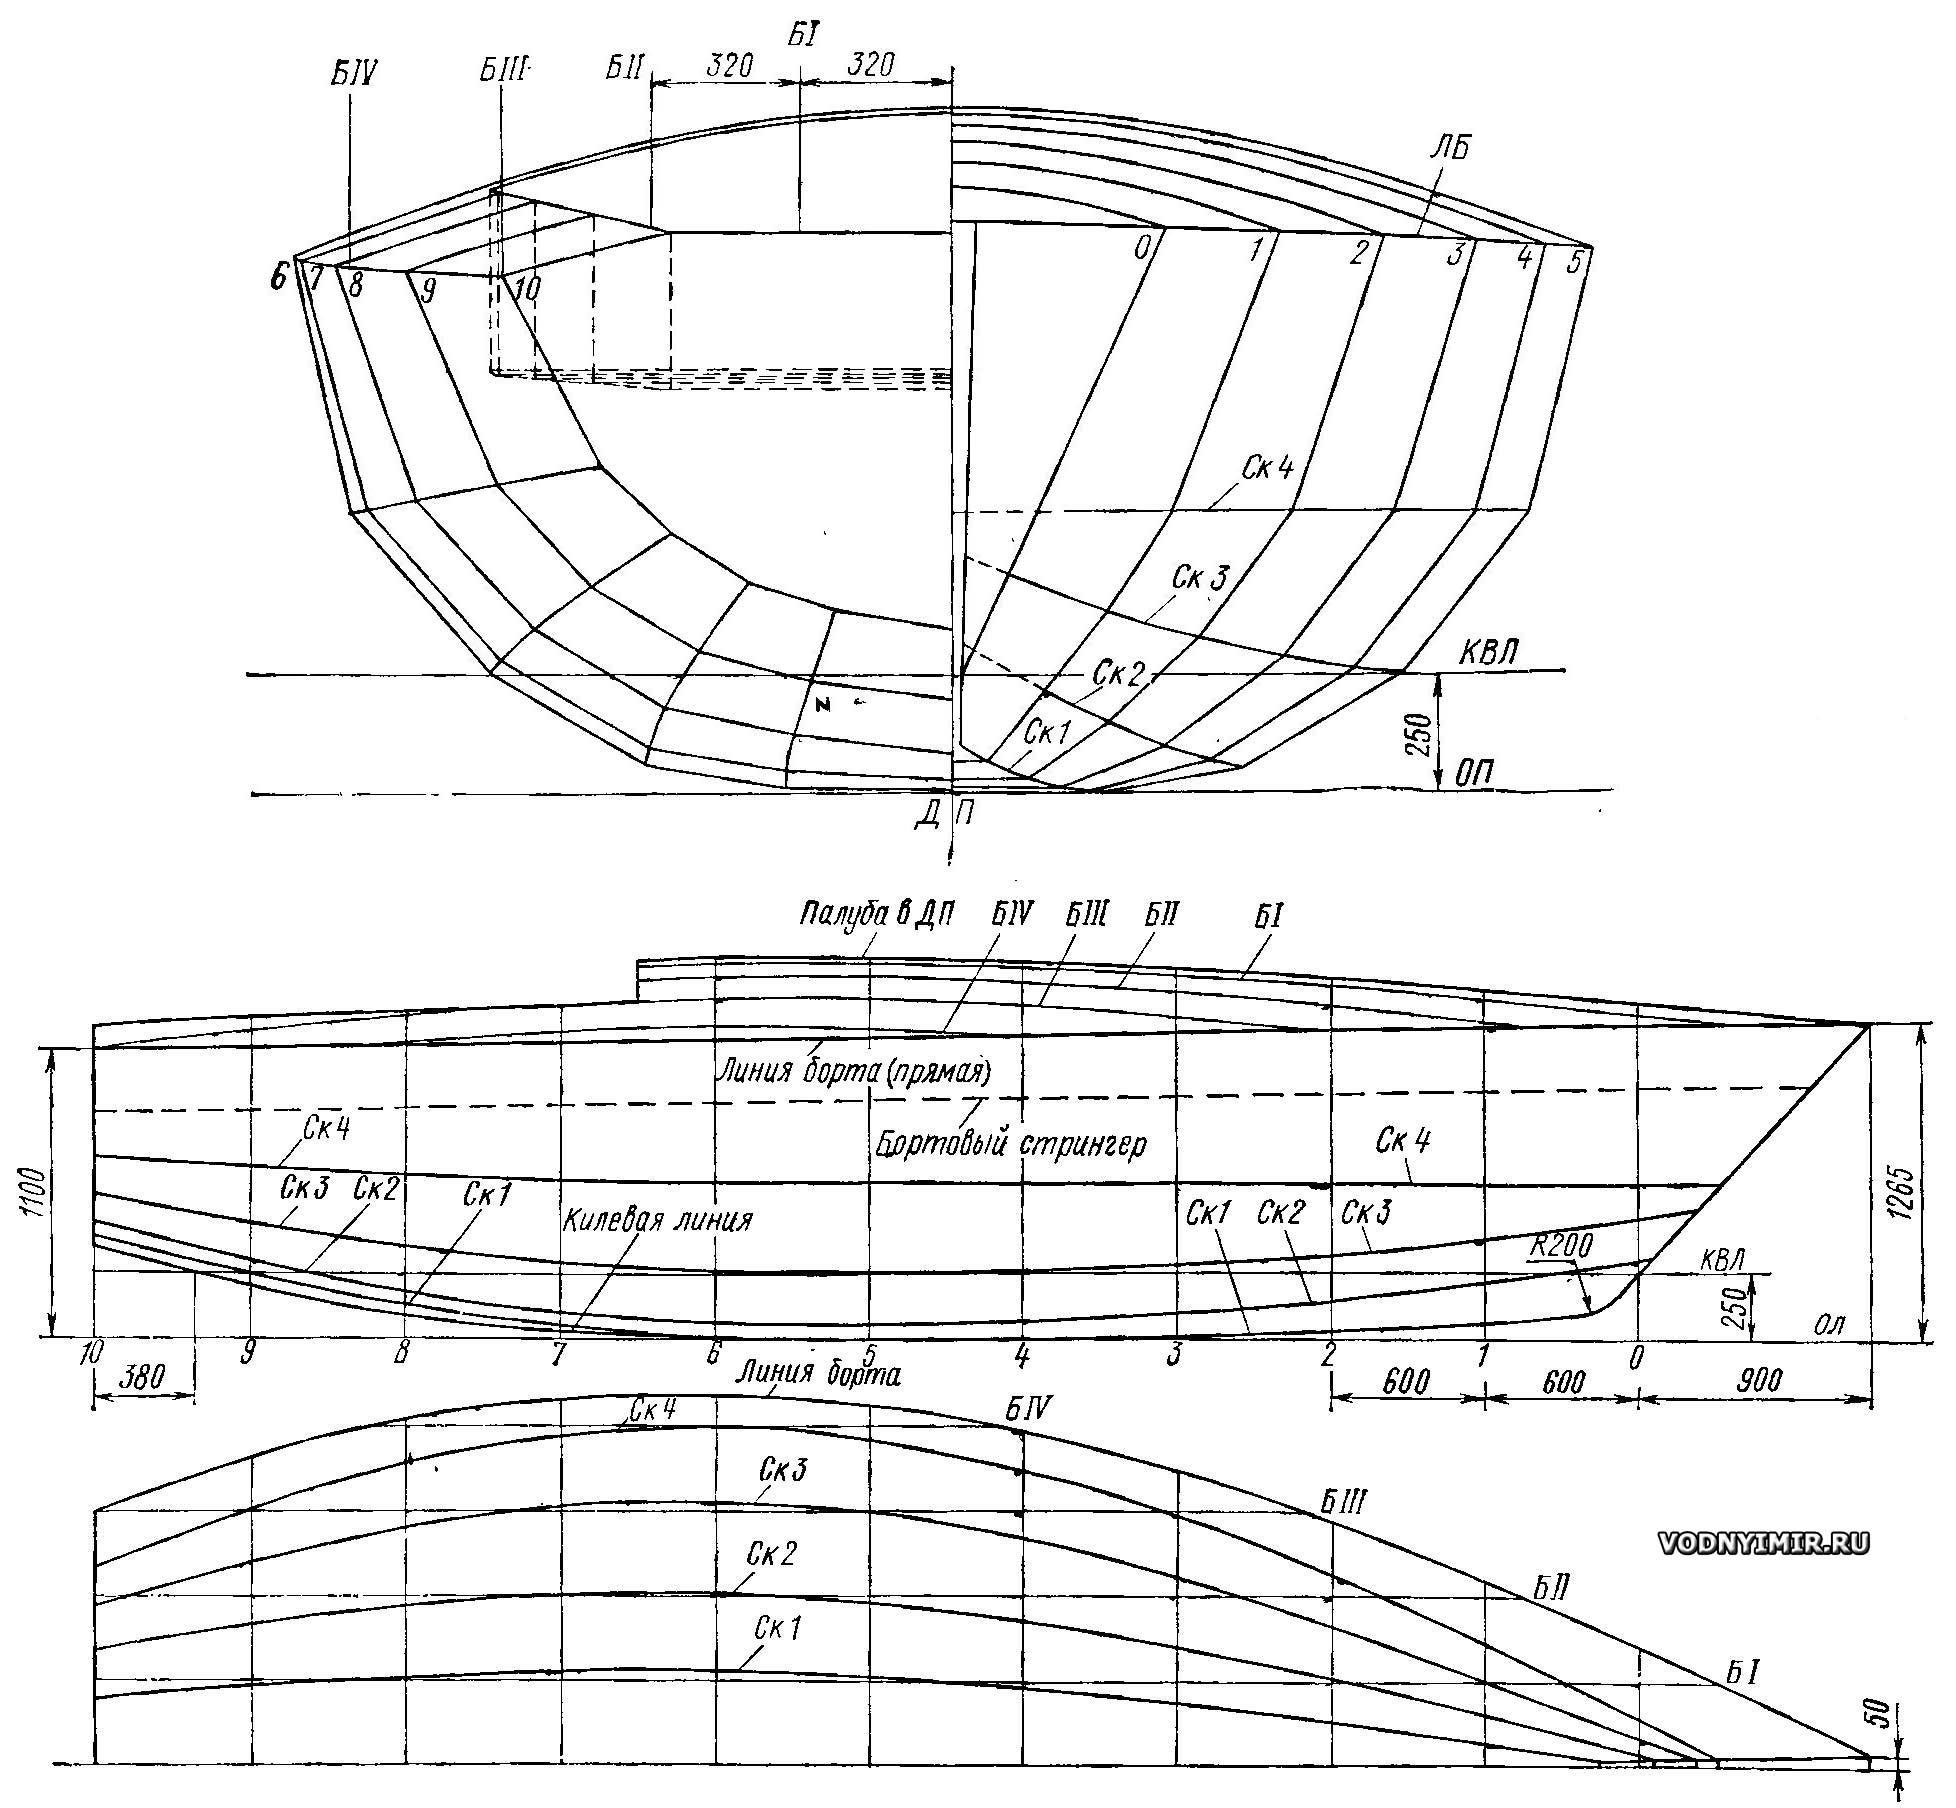 Старый материал — новая технология постройки корпусов яхт. « домашняя яхт-верфь.